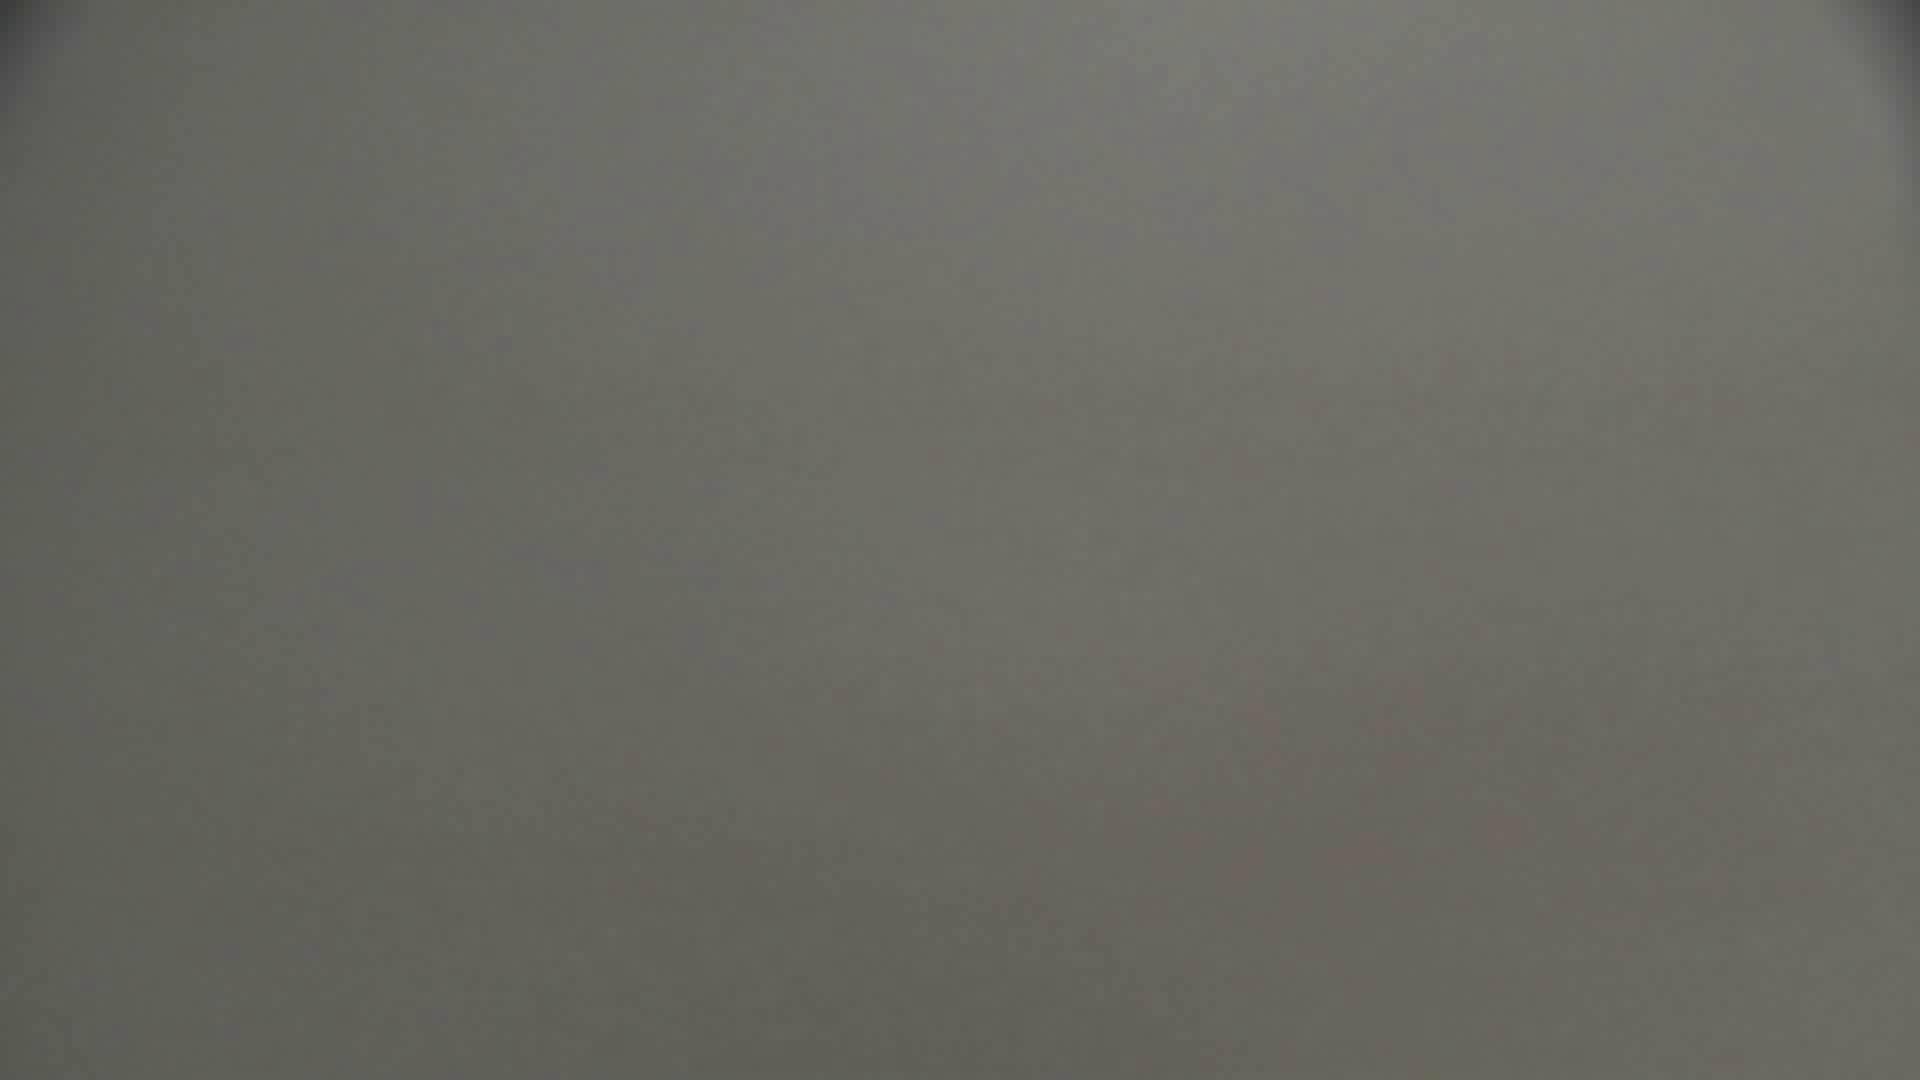 【美しき個室な世界】 vol.021 めがねっこ OLの実態   洗面所  37pic 25